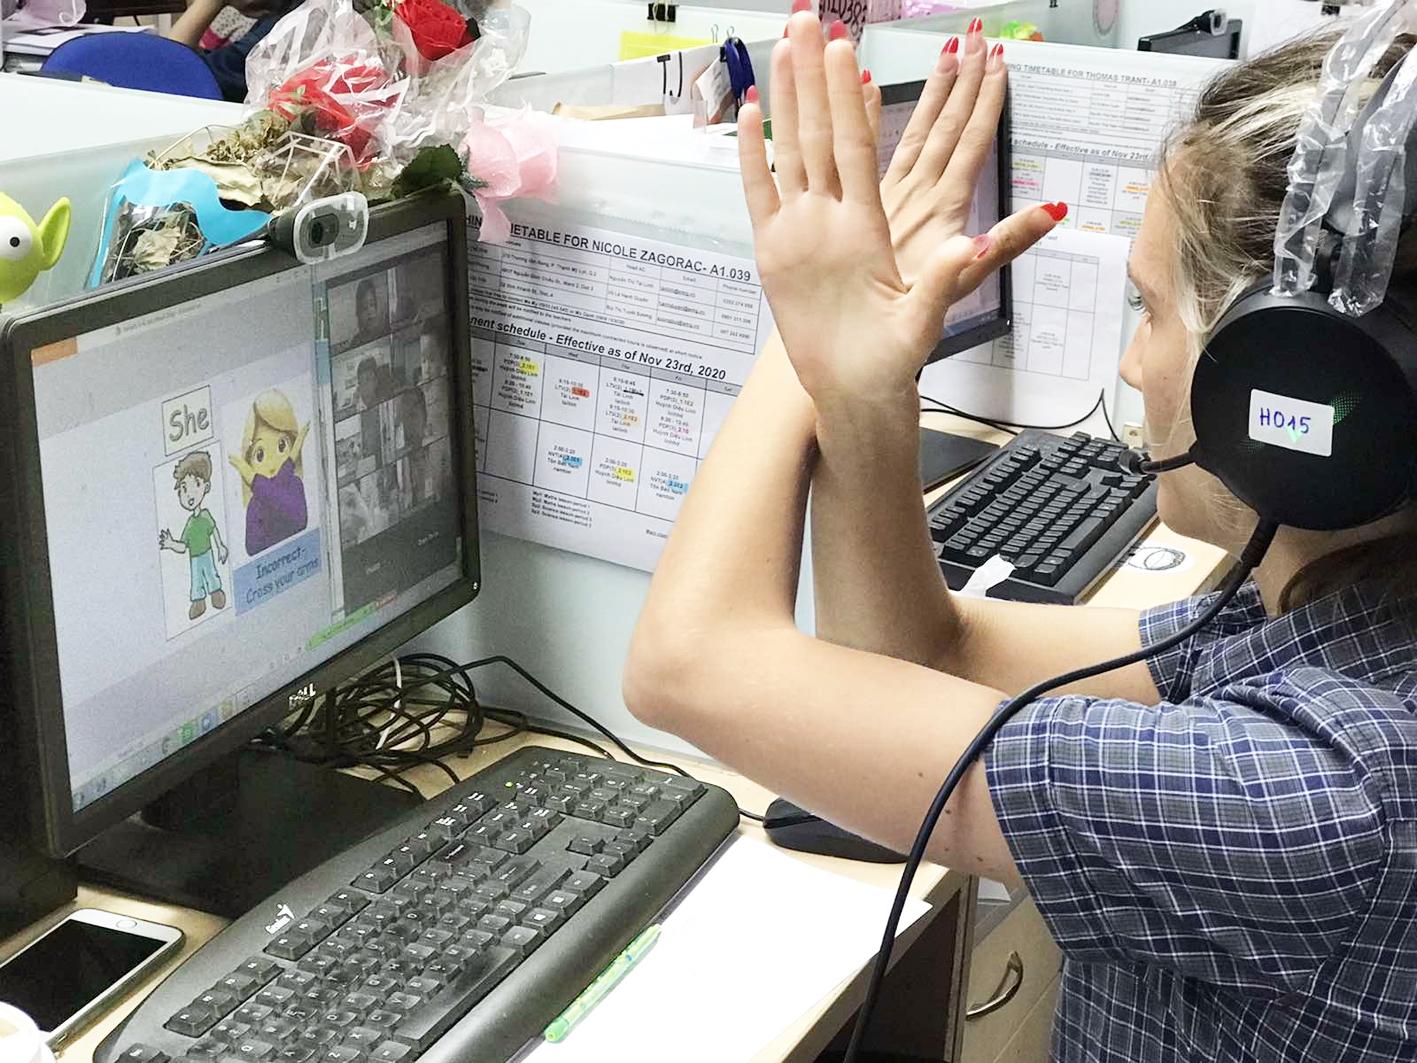 Giáo viên dạy online trong mùa dịch - ẢNH: THANH THANH